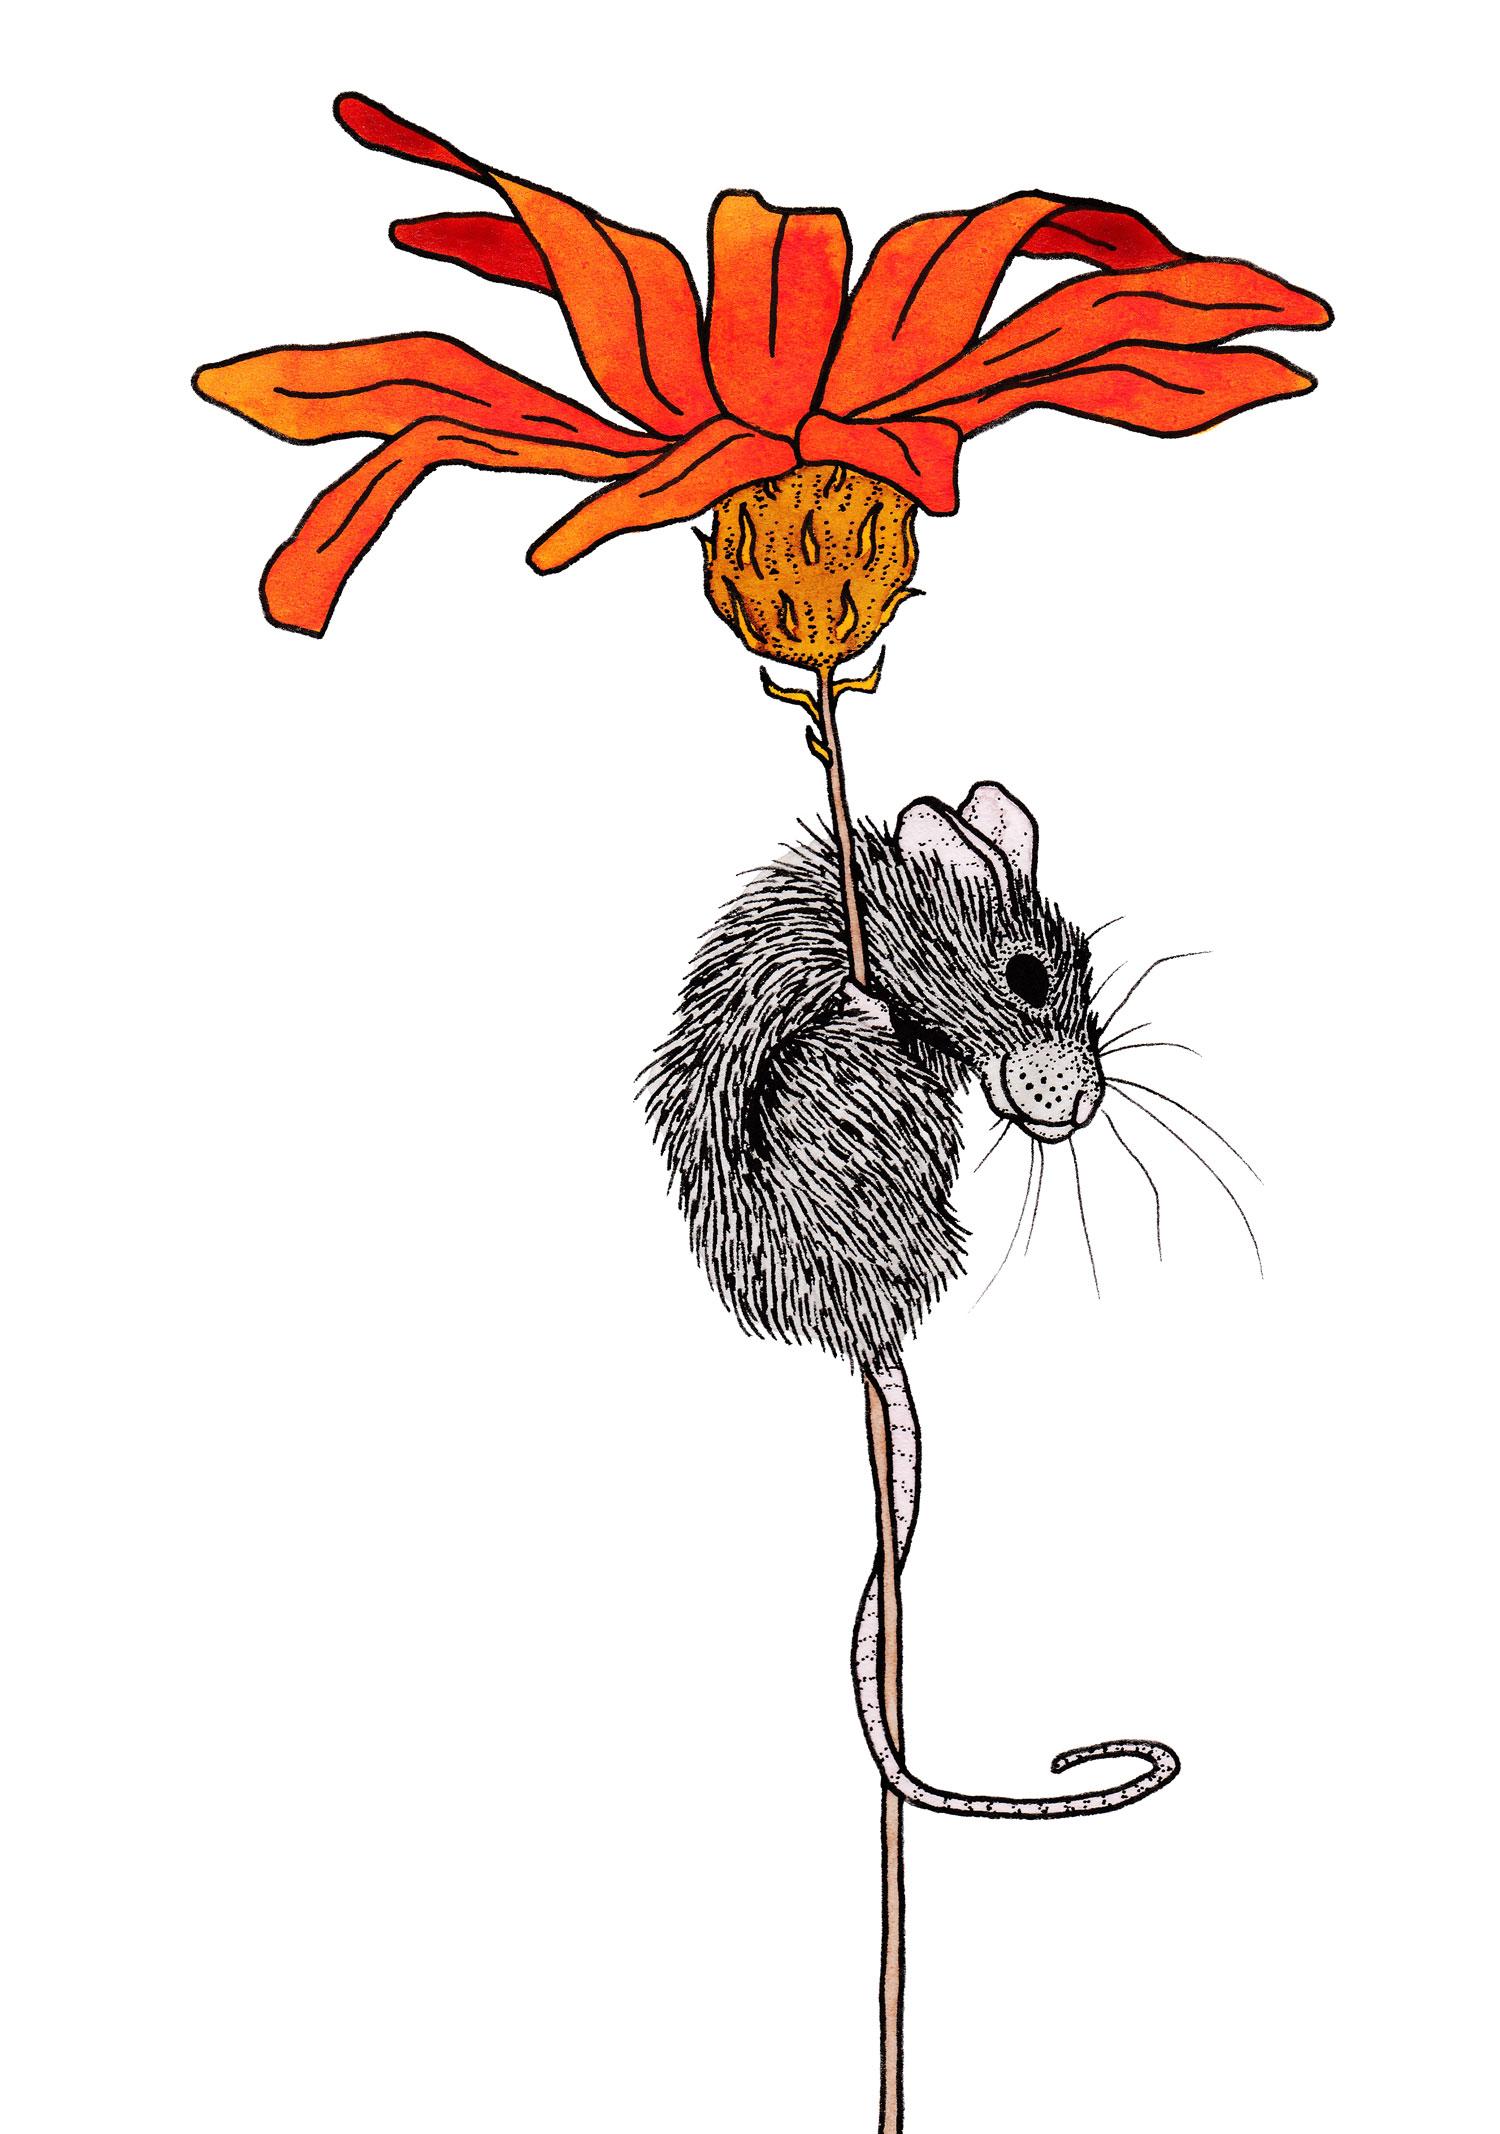 mouse-flower-illustration-matthew-woods.jpg